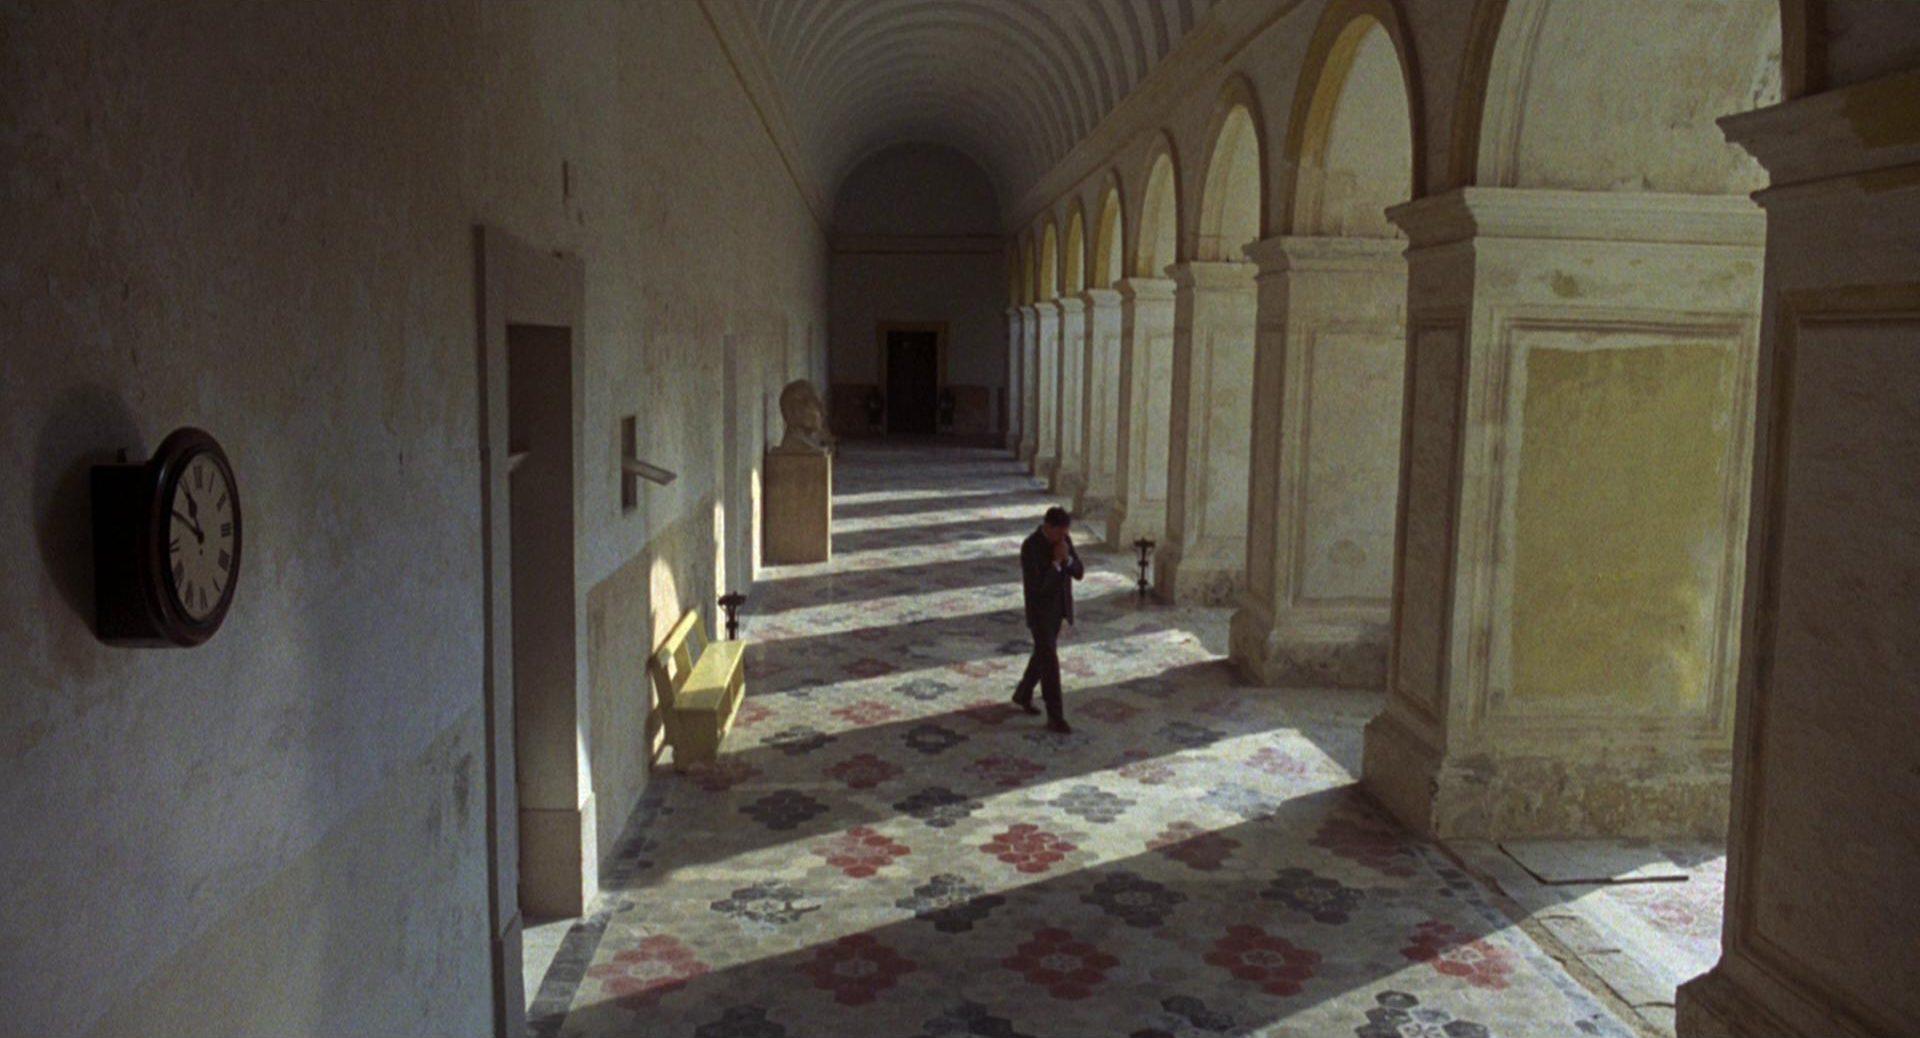 Ein Mann schreitet in nervöser Pose den Portikus eines alten, monumentalen Gebäudes entlang.